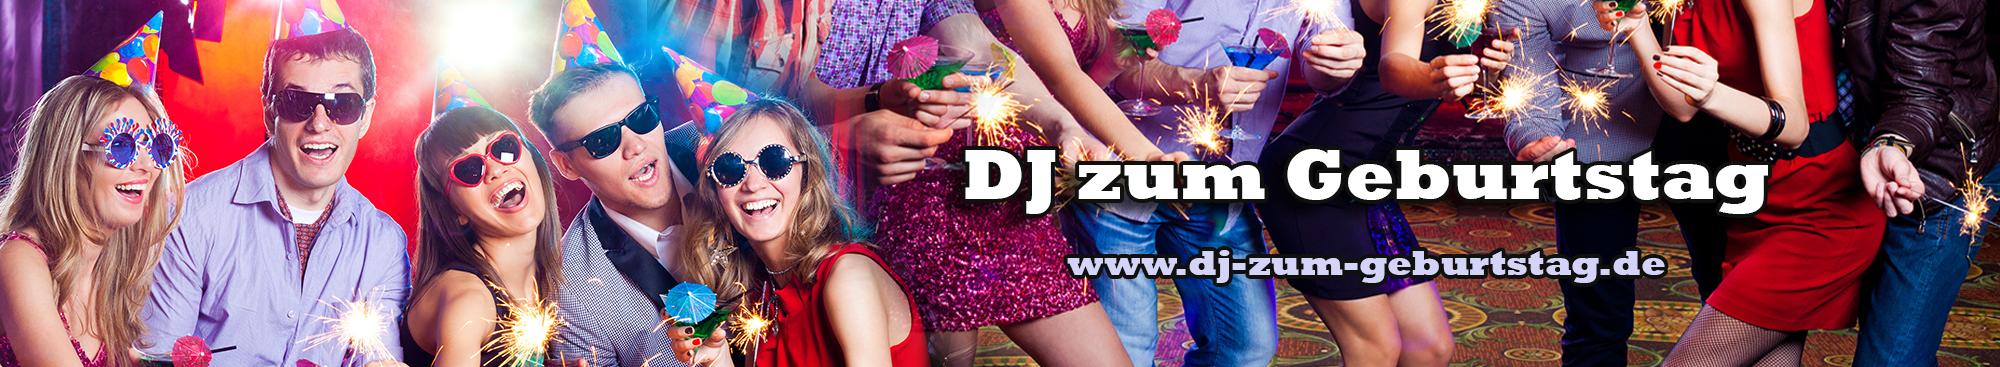 DJ zum Geburtstag – Sie feiern? – Wir haben passende Musik | DJ zum Geburtstag